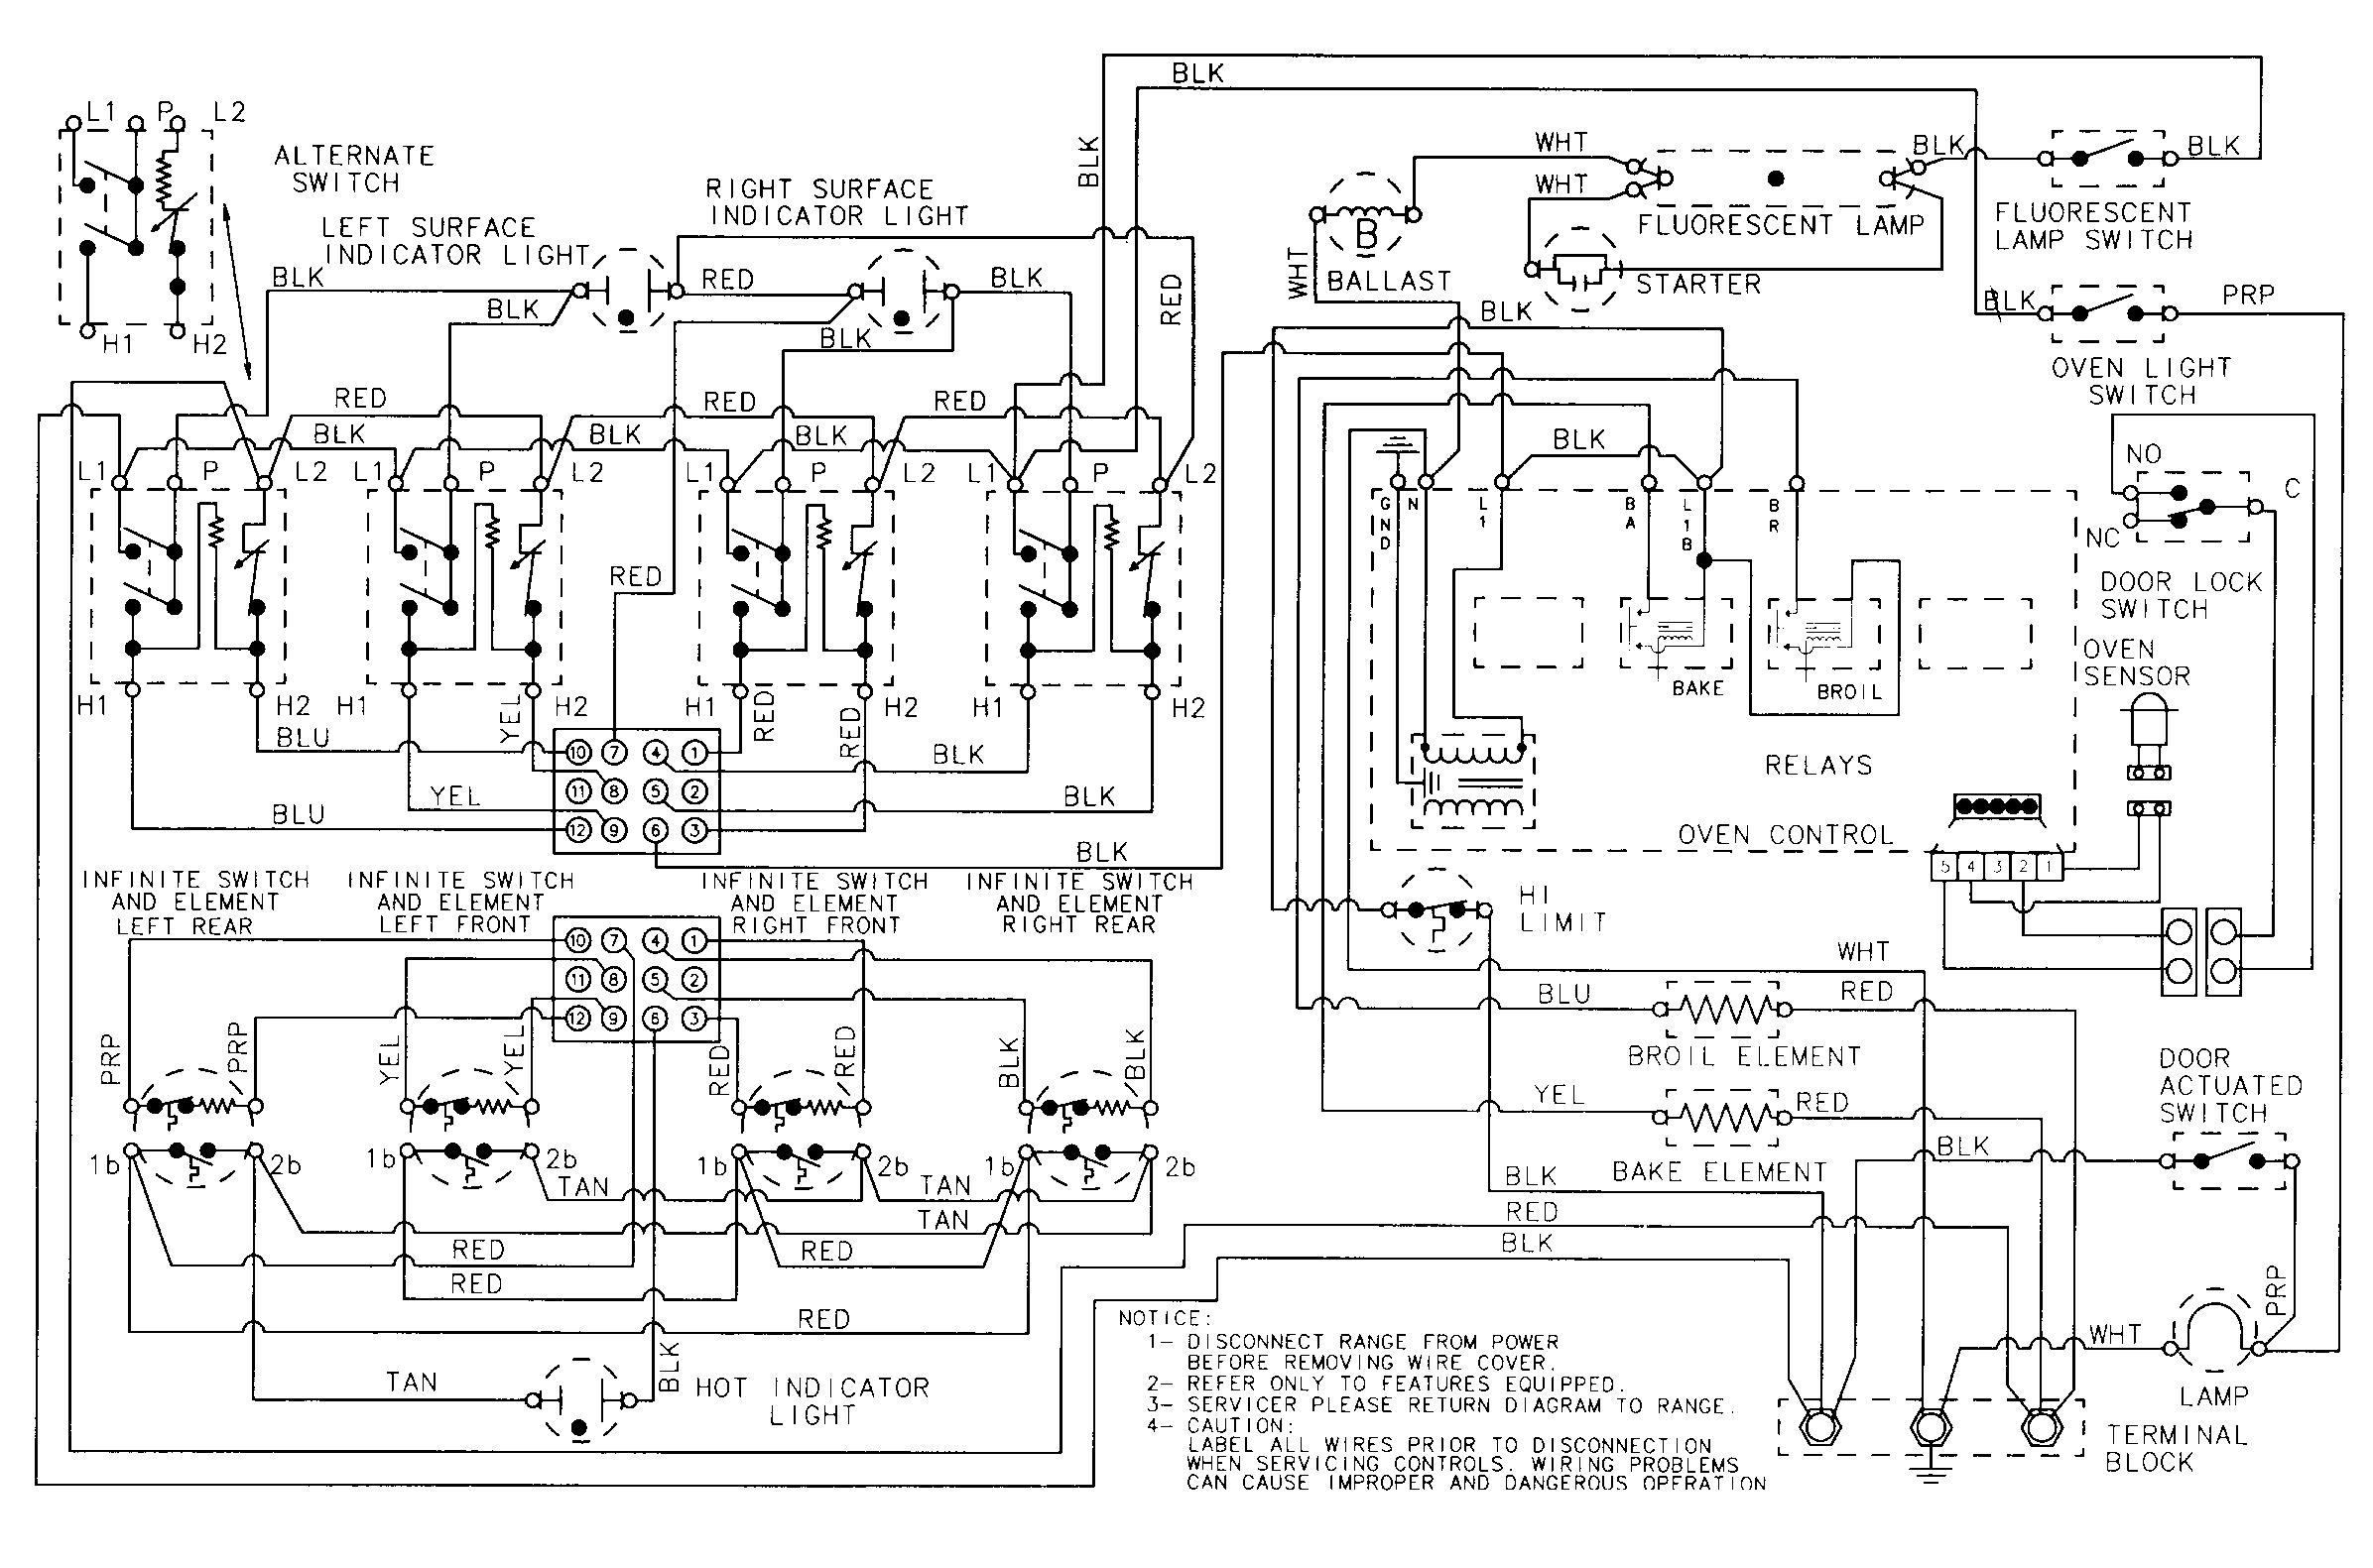 wiring diagram for 2012 nissan versa 2011 nissan versa wiring diagram  2012 nissan versa wiring diagram wiring diagram abs sensor 2011 nissan versa new wiring diagram 2018